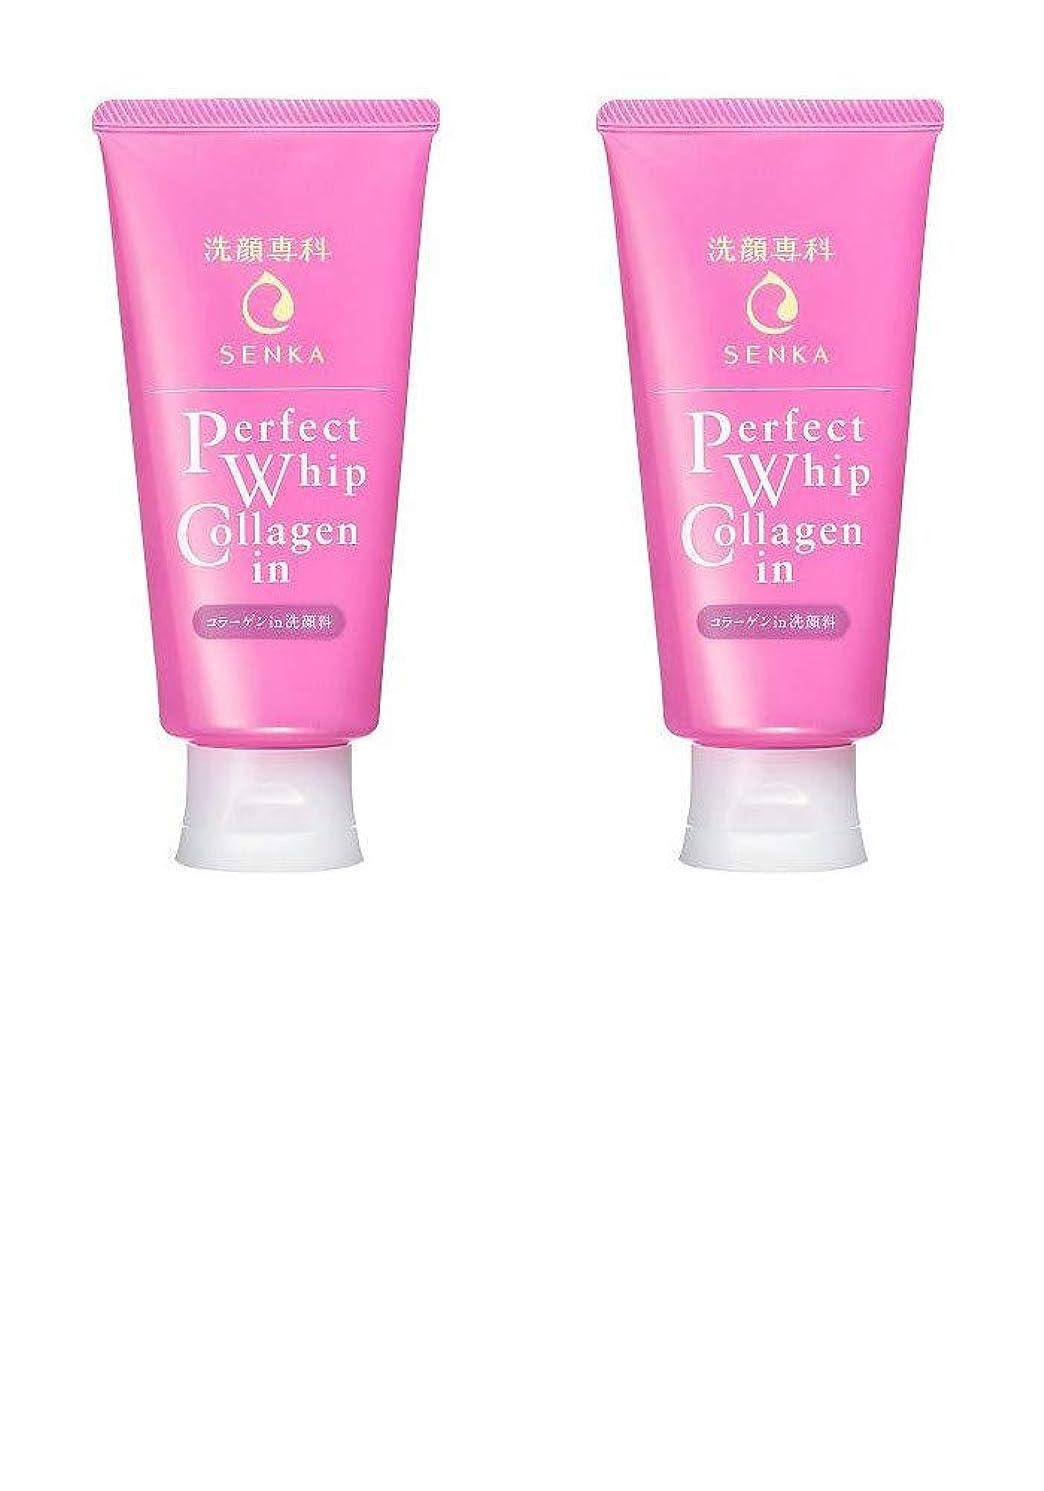 データ位置する小康【2個まとめ買い】洗顔専科 パーフェクトホイップ コラーゲンin 120g